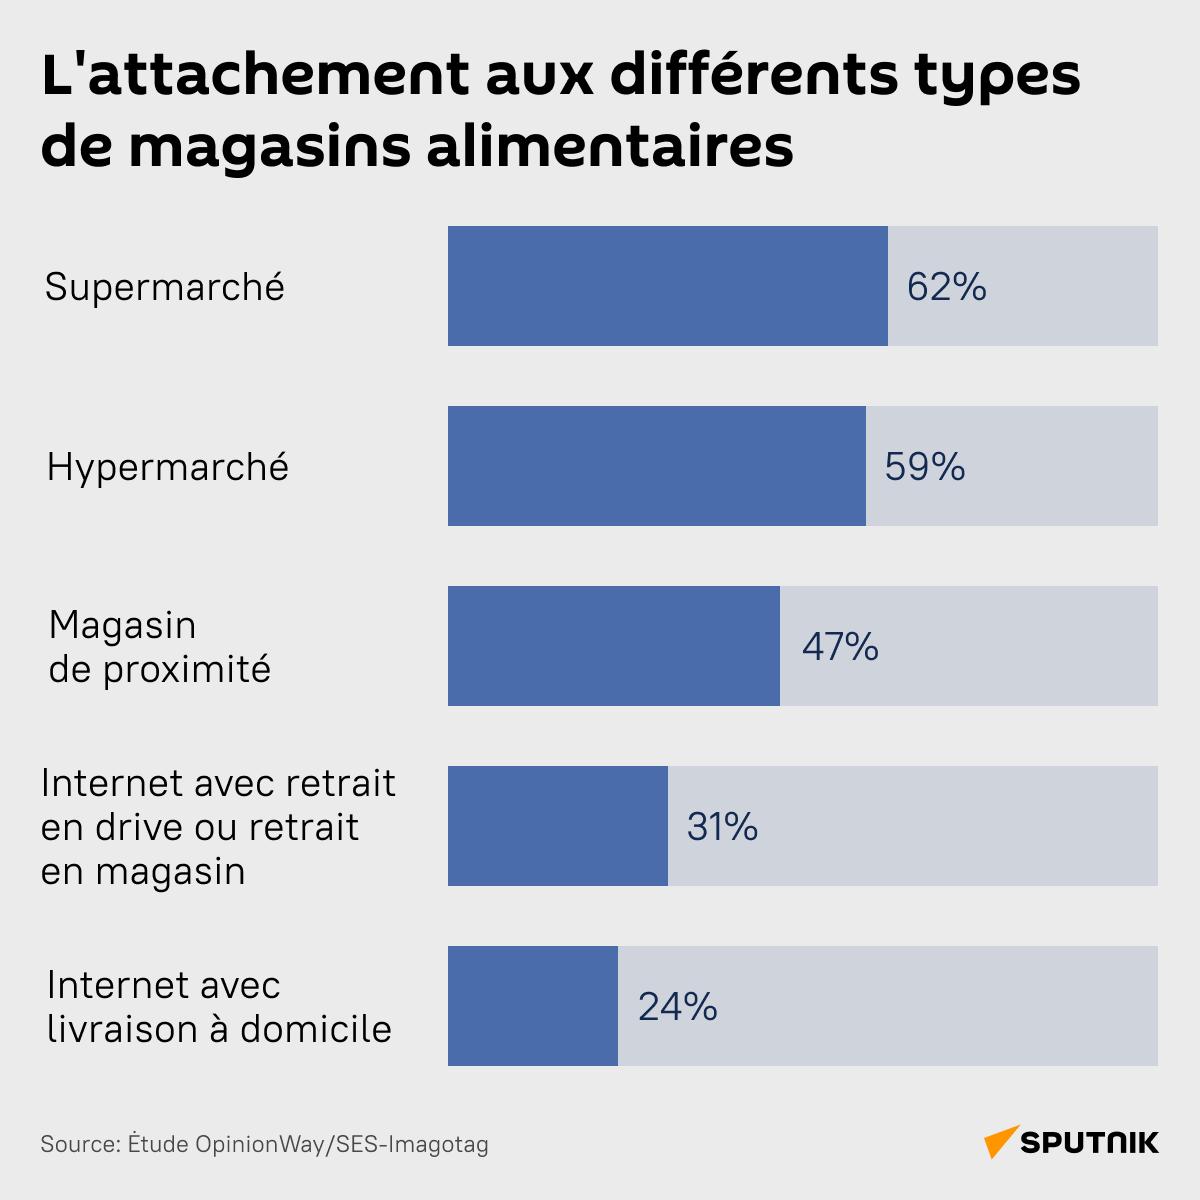 L'attachement aux différents types de magasins alimentaires - Sputnik France